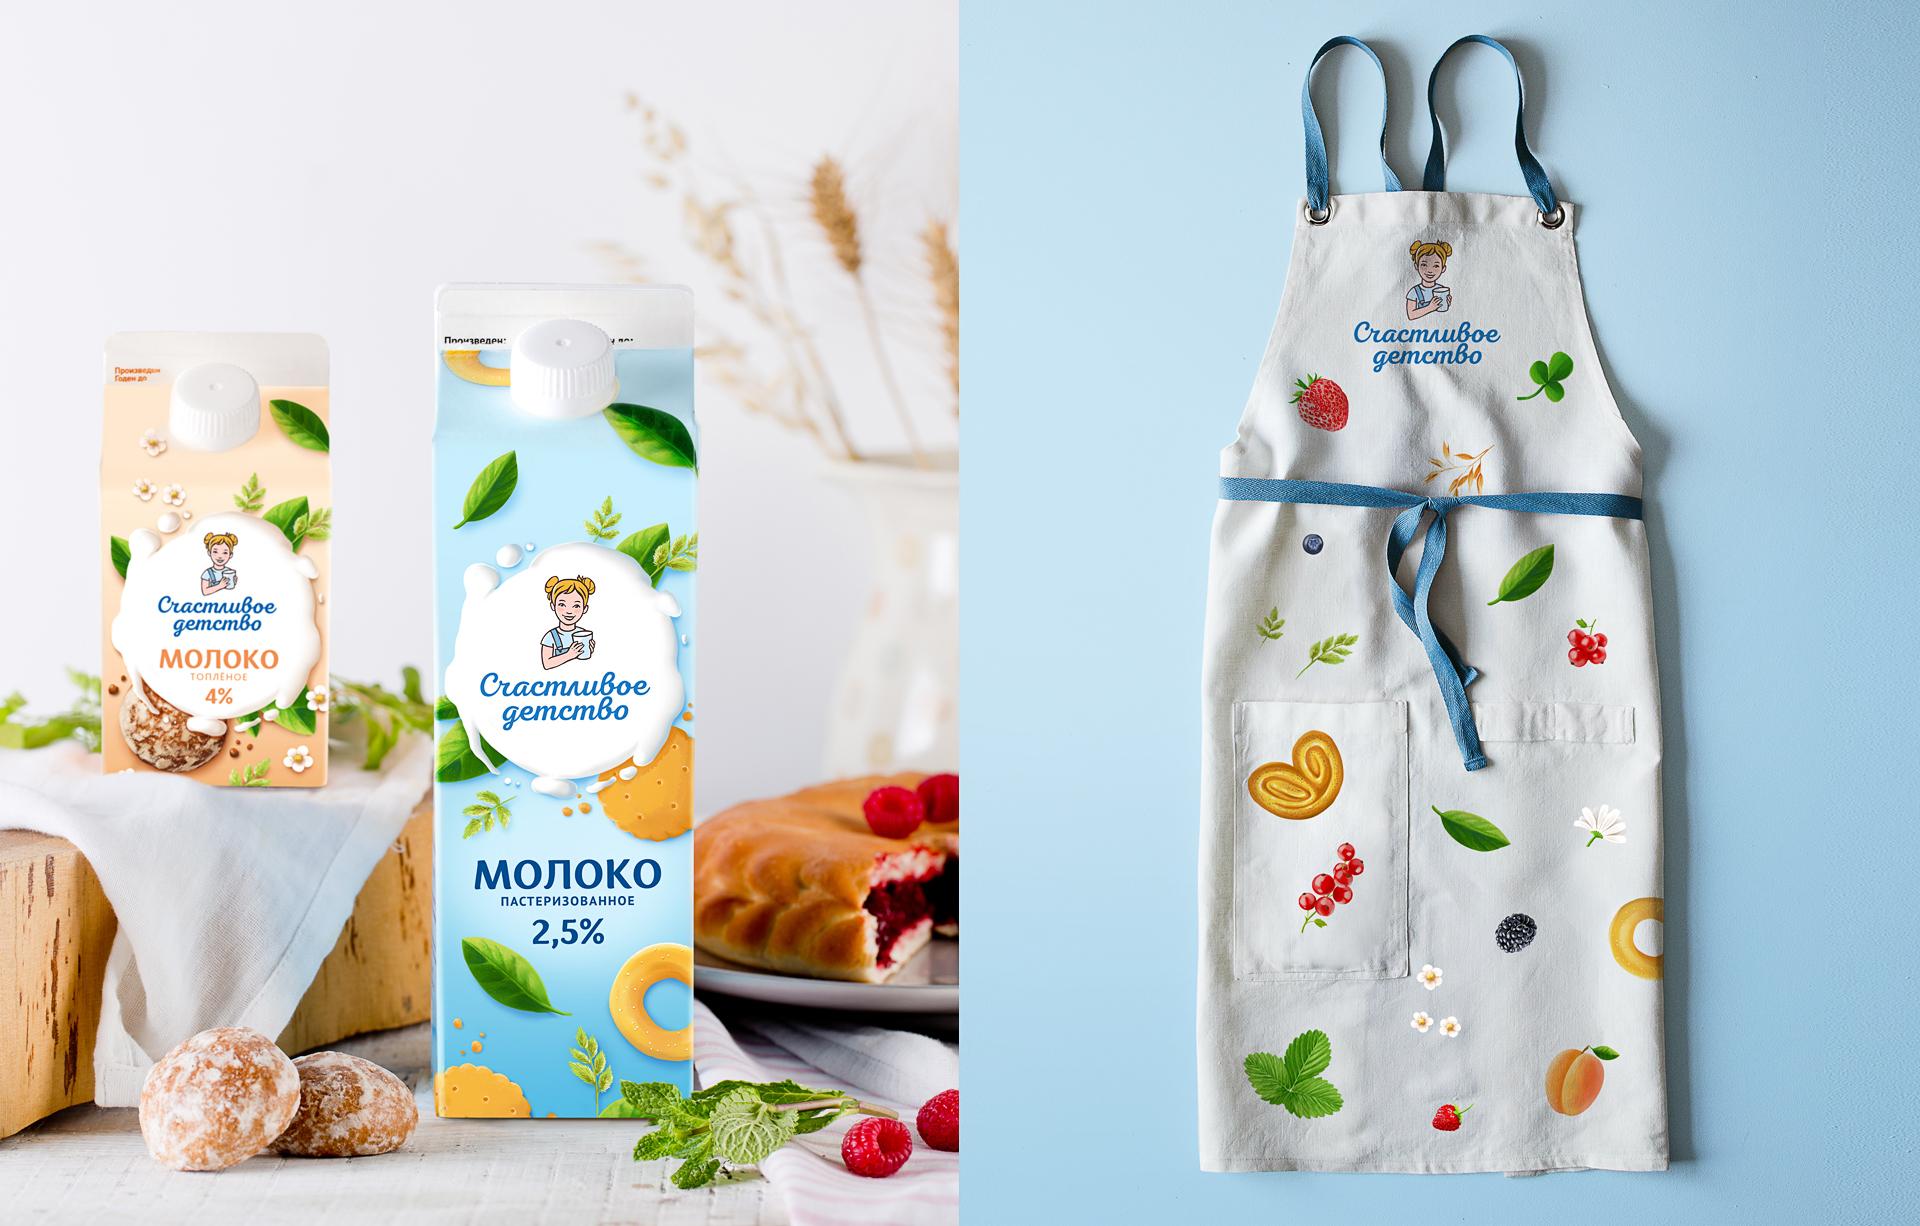 Разработка товарного бренда «Счастливое детство». Новый товарный бренд в сегменте молочной продукции раскрывает ключевую идею бренда: здоровое и счастливое детство начинается с качественной, натуральной молочной продукции.